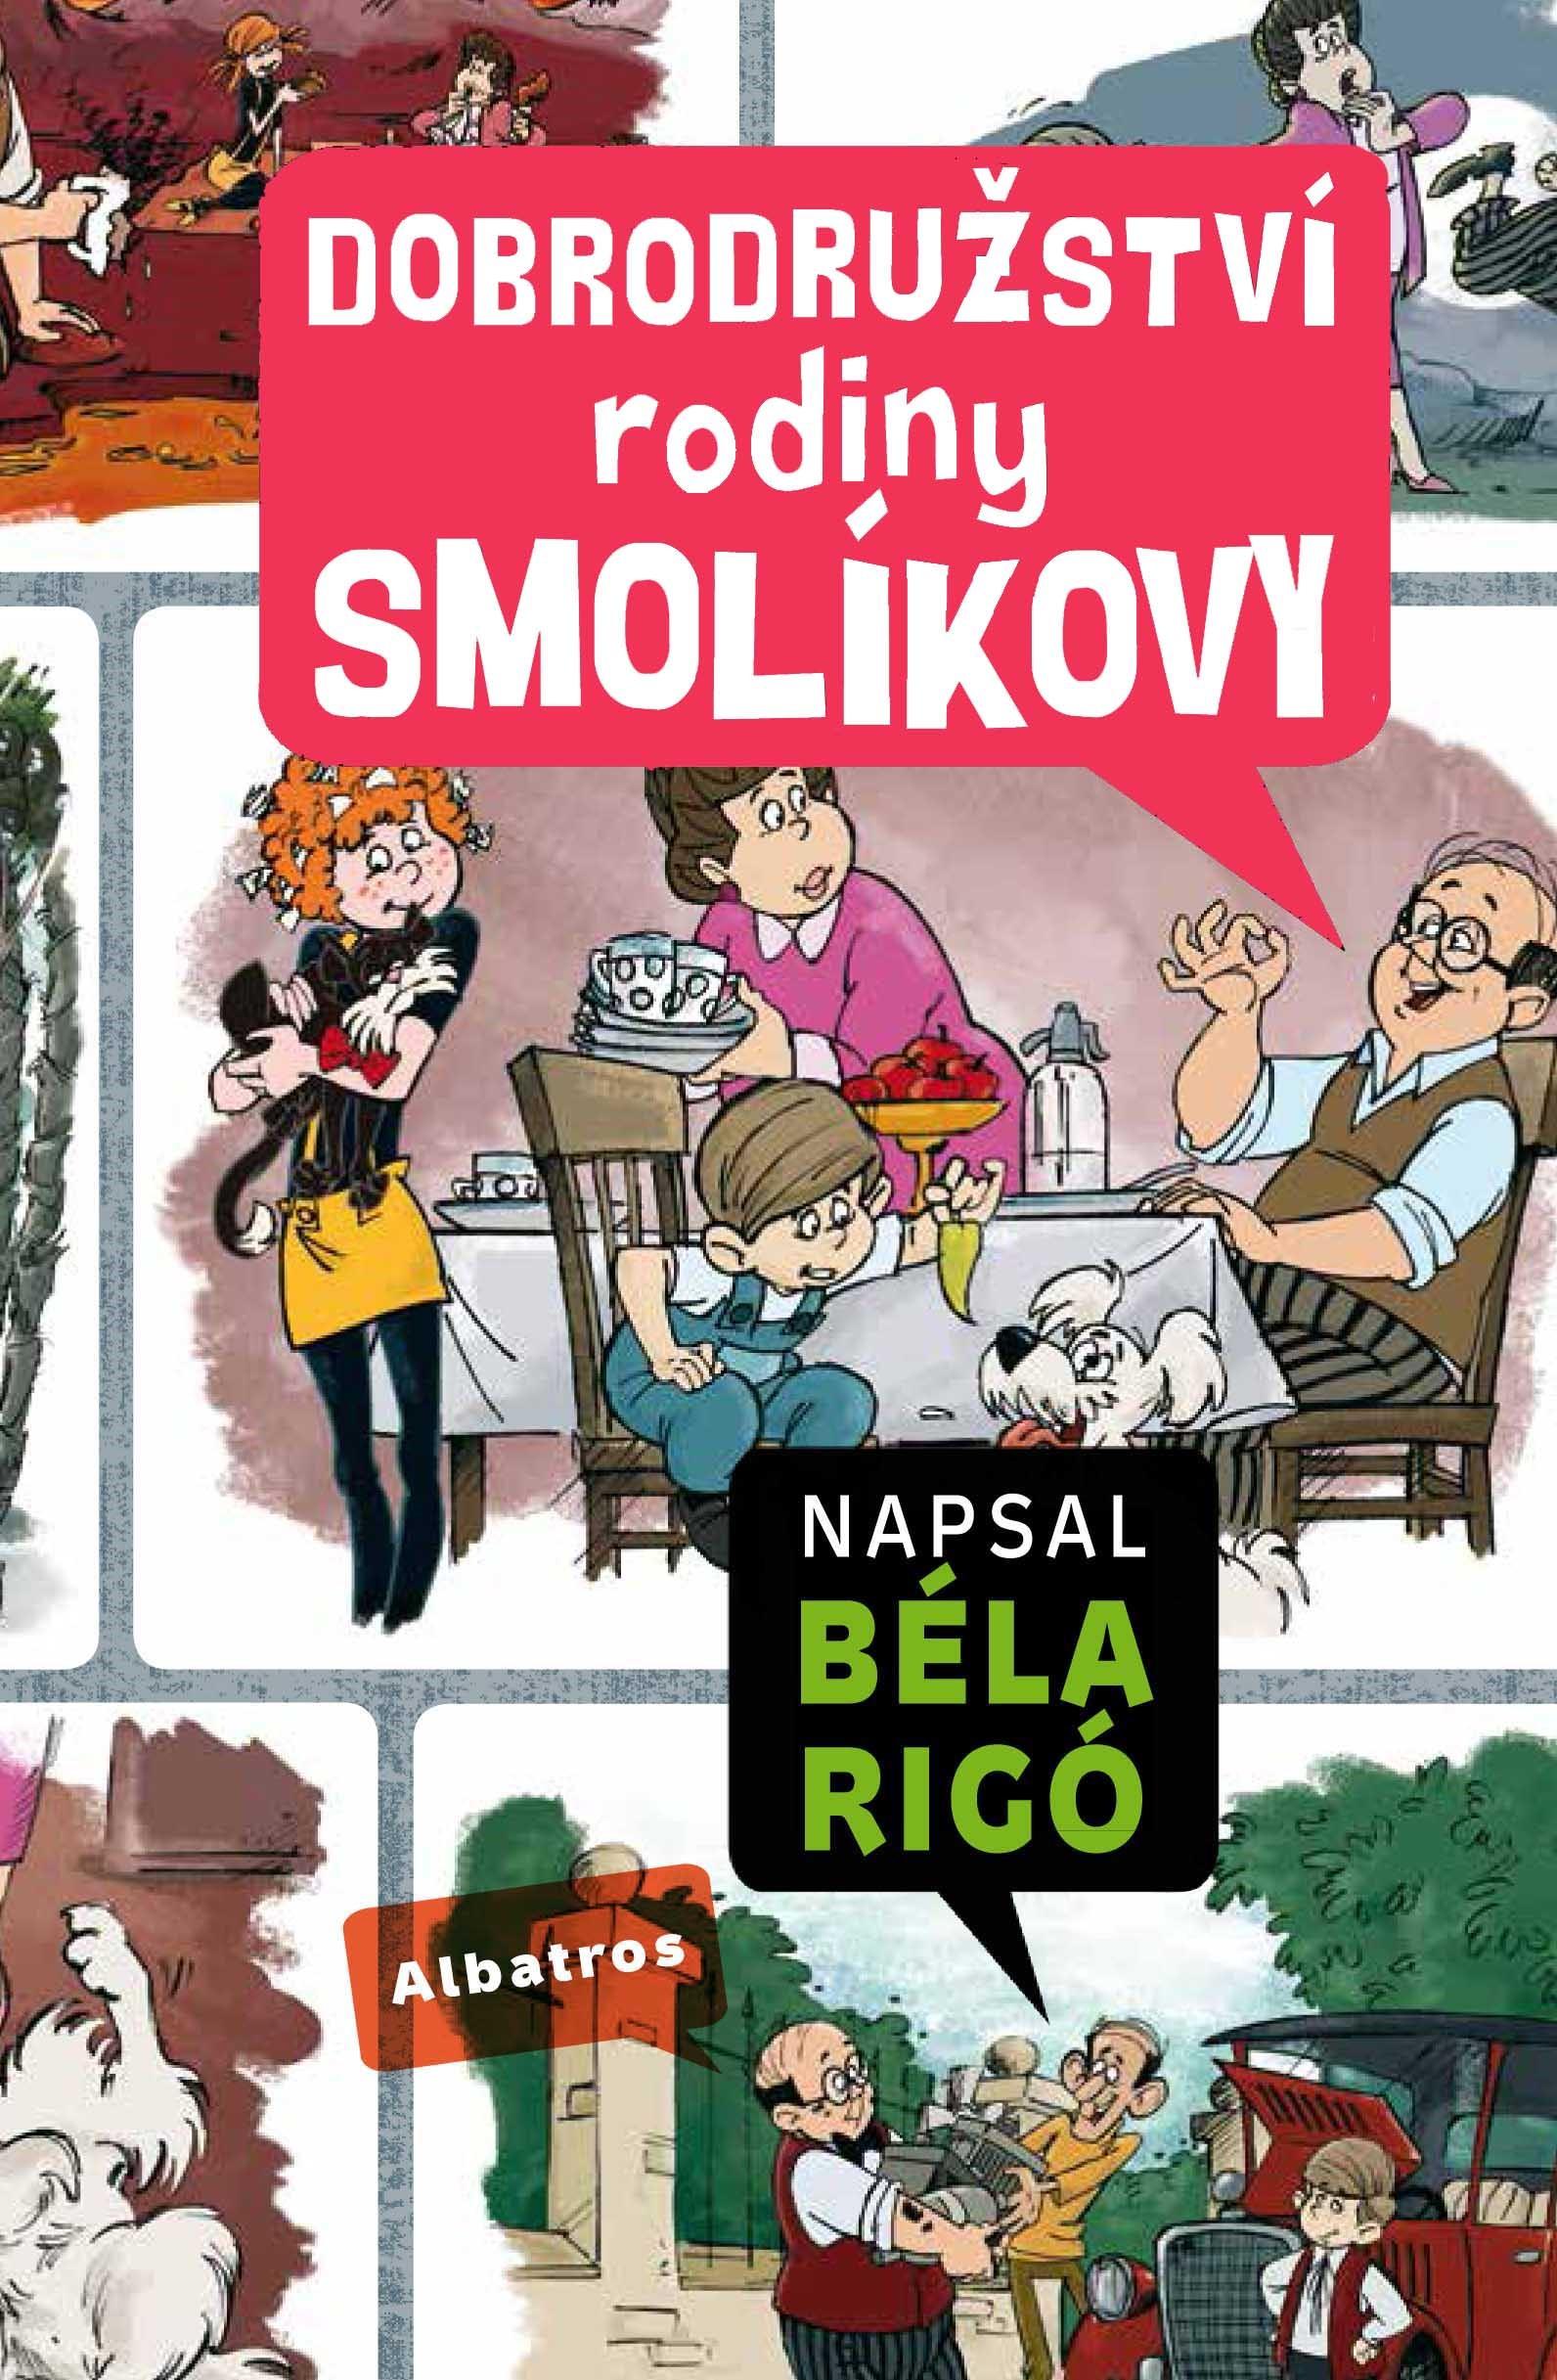 Dobrodružství rodiny Smolíkovy | Béla Rigó, József Romhányi, József Nepp